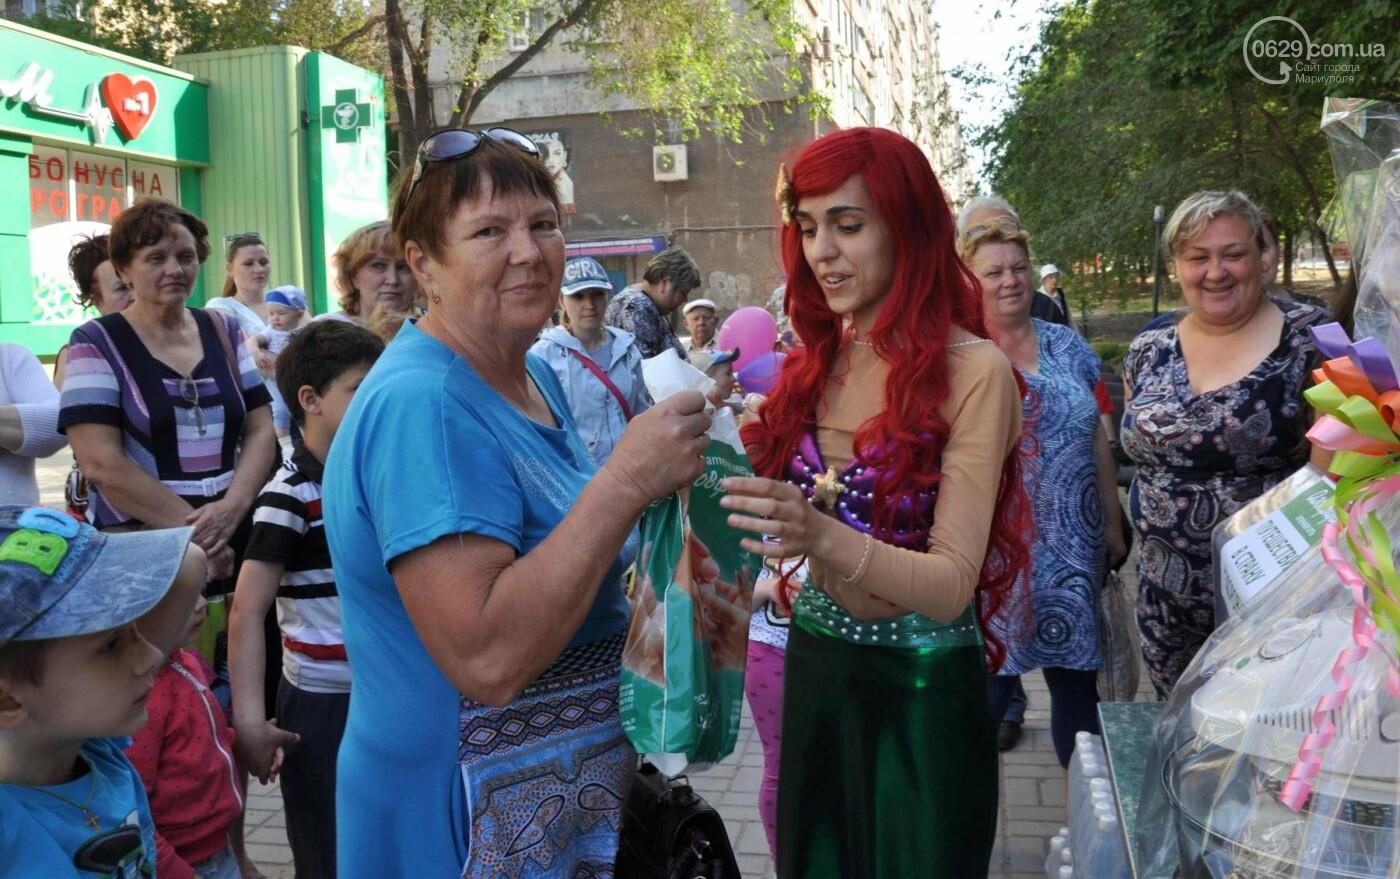 В аптеке «Азовфарм» провели праздник для детей и разыграли призы, фото-37